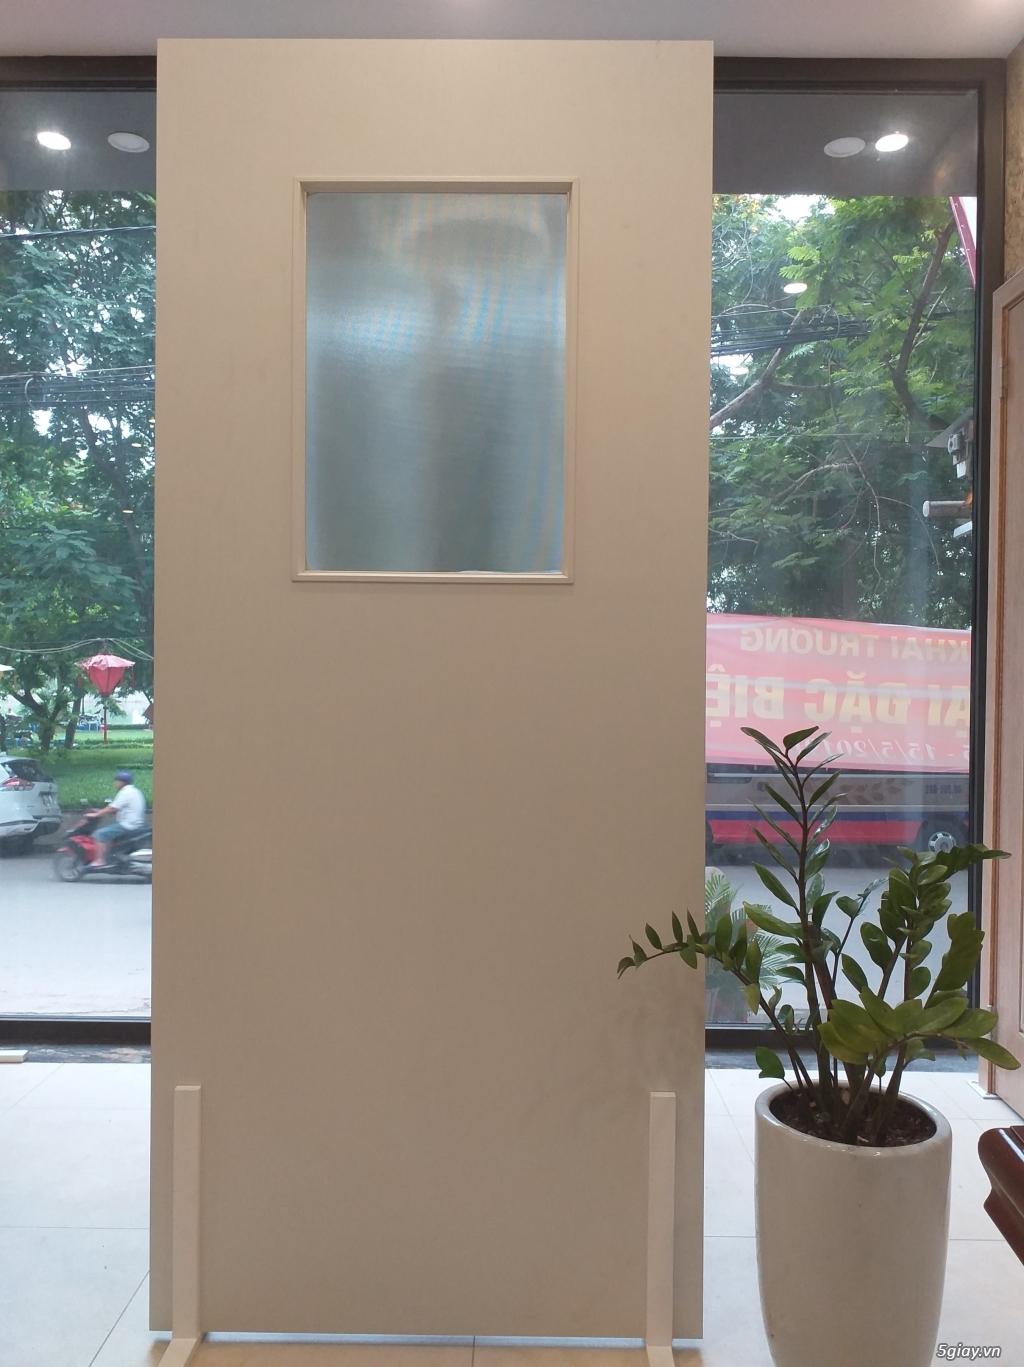 Cửa nhựa ABS không thấm nước phù hợp làm cửa nhà tắm, nhà vệ sinh 24.5 - 1